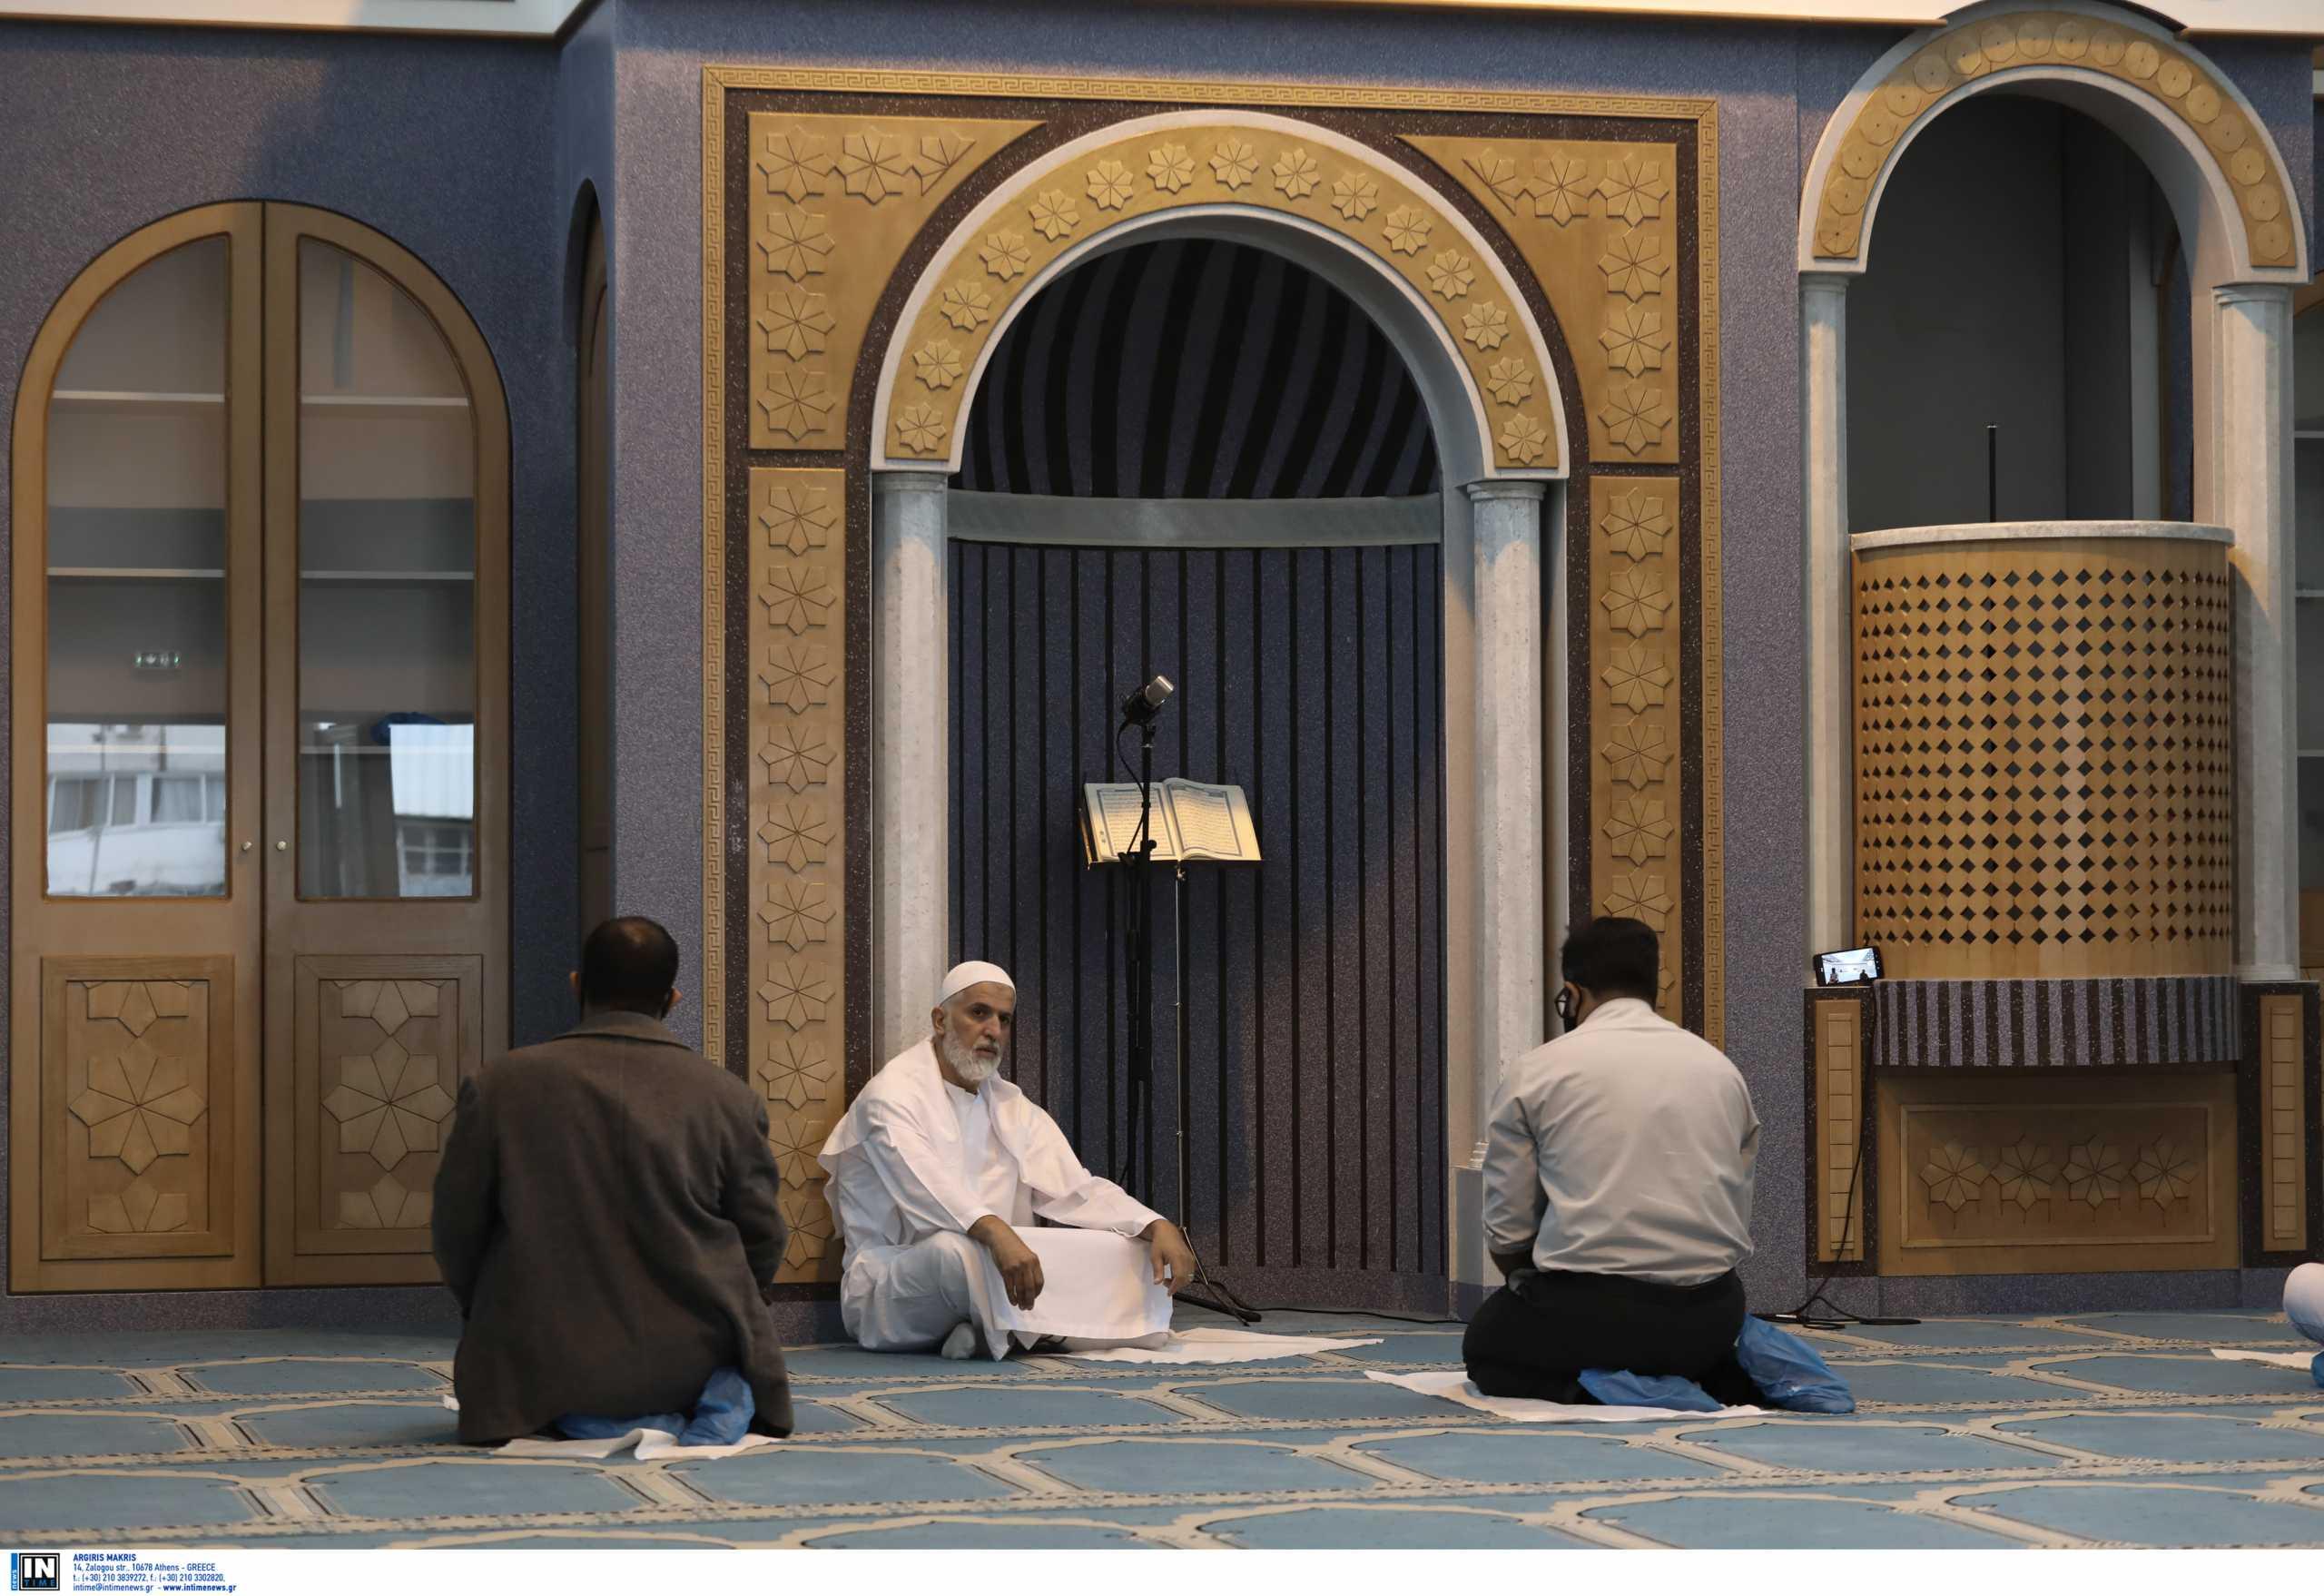 Μουσουλμανικό νεκροταφείο στο Σχιστό ζητούν μεταναστευτικές κοινότητες